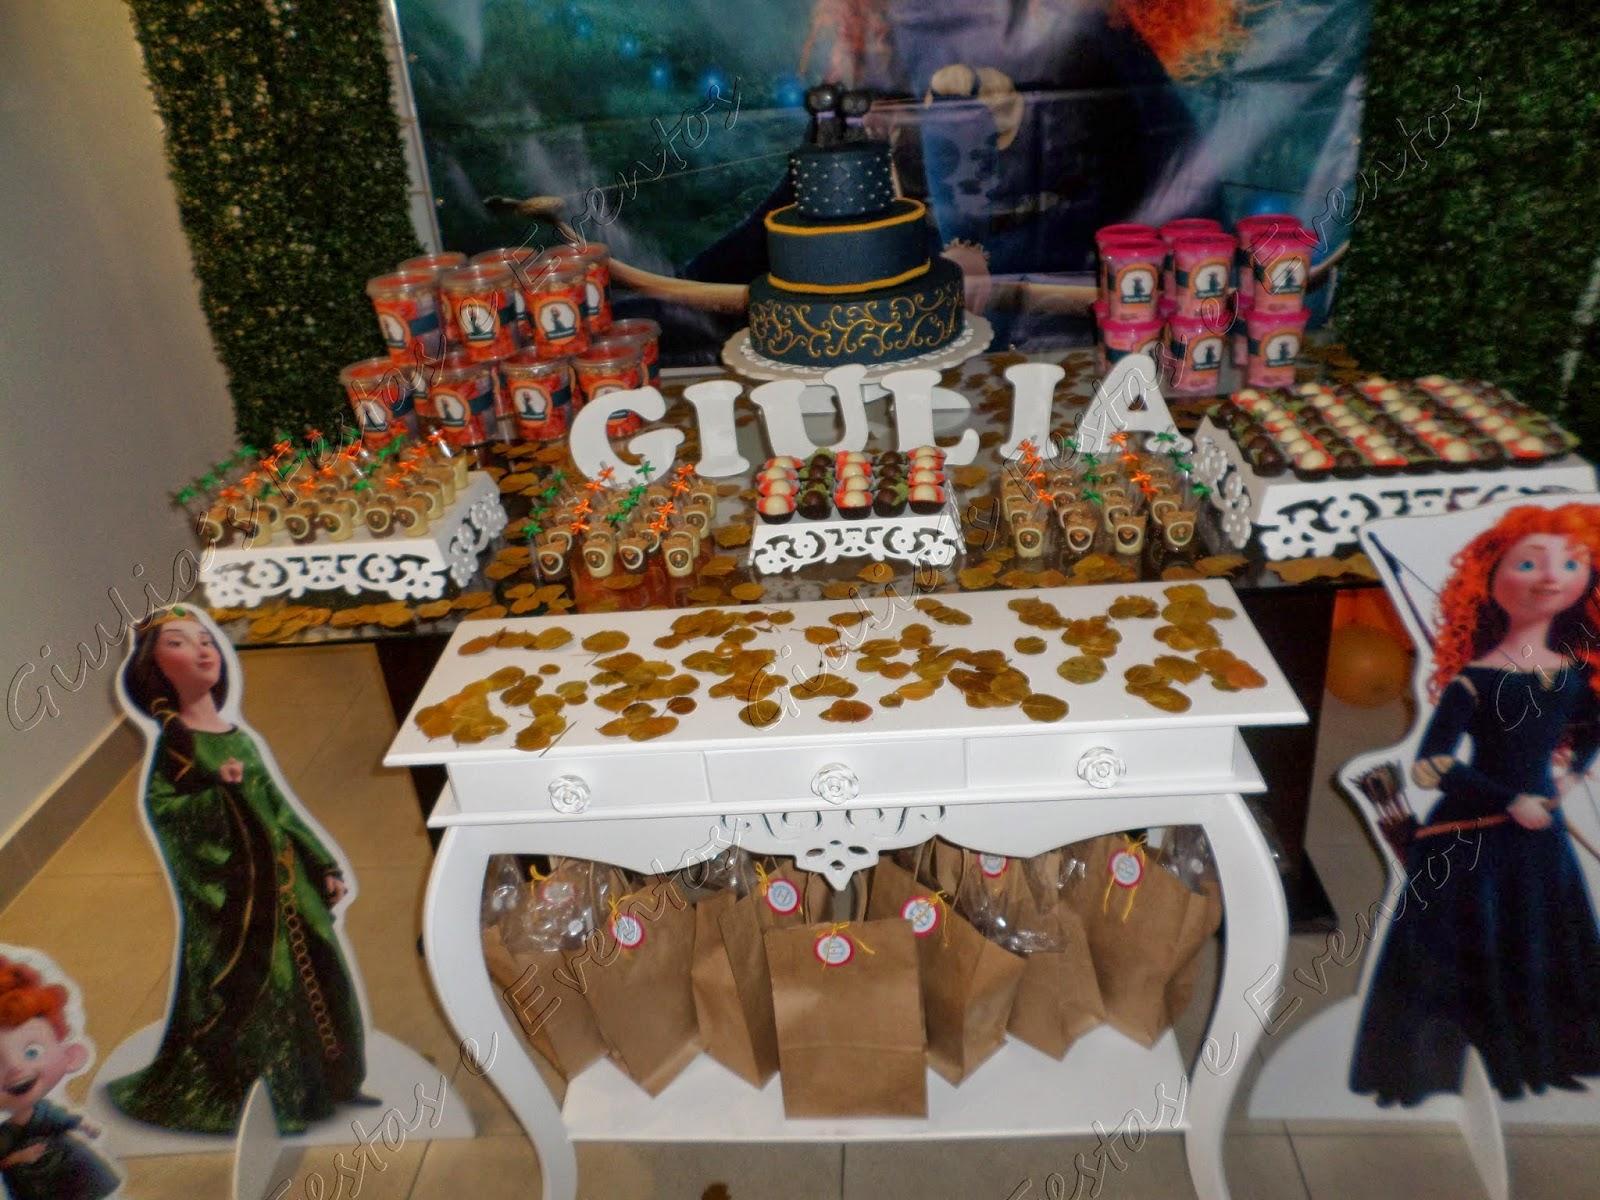 decoracao festa valente:Giulia´s Festas e Eventos: Festa Provençal Valente